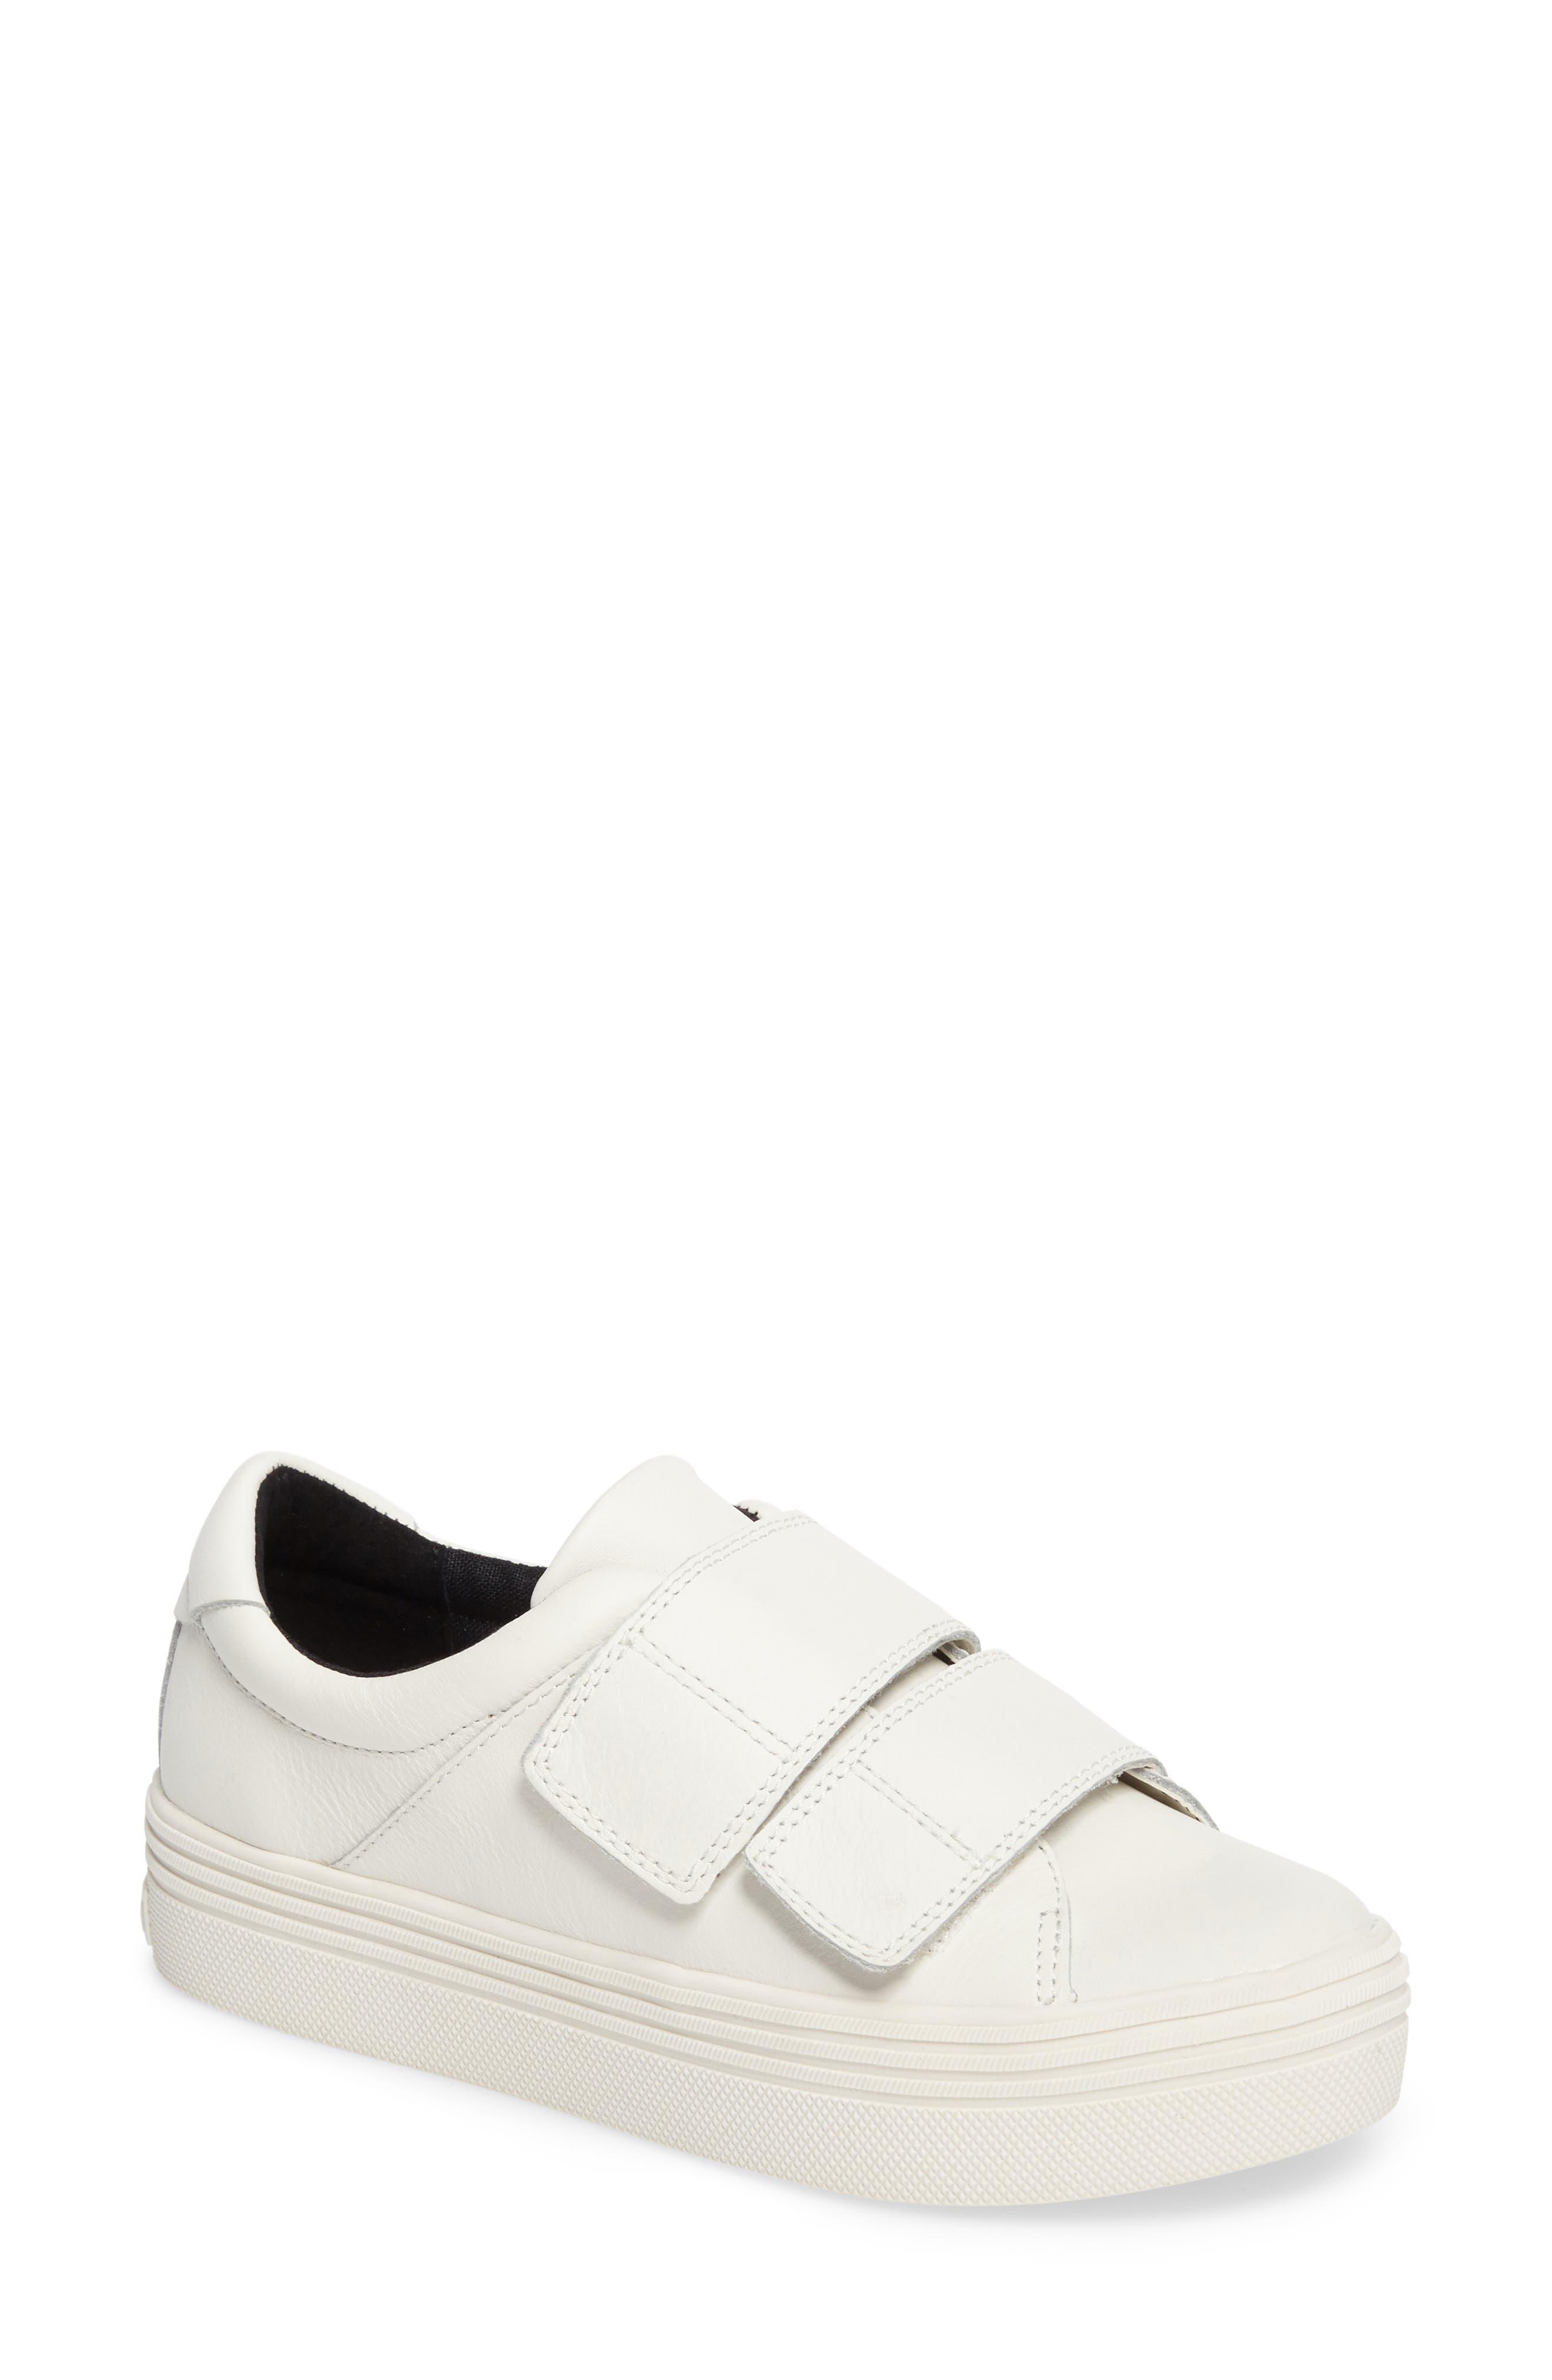 Alternate Image 1 Selected - Dolce Vita Tina Platform Sneaker (Women)